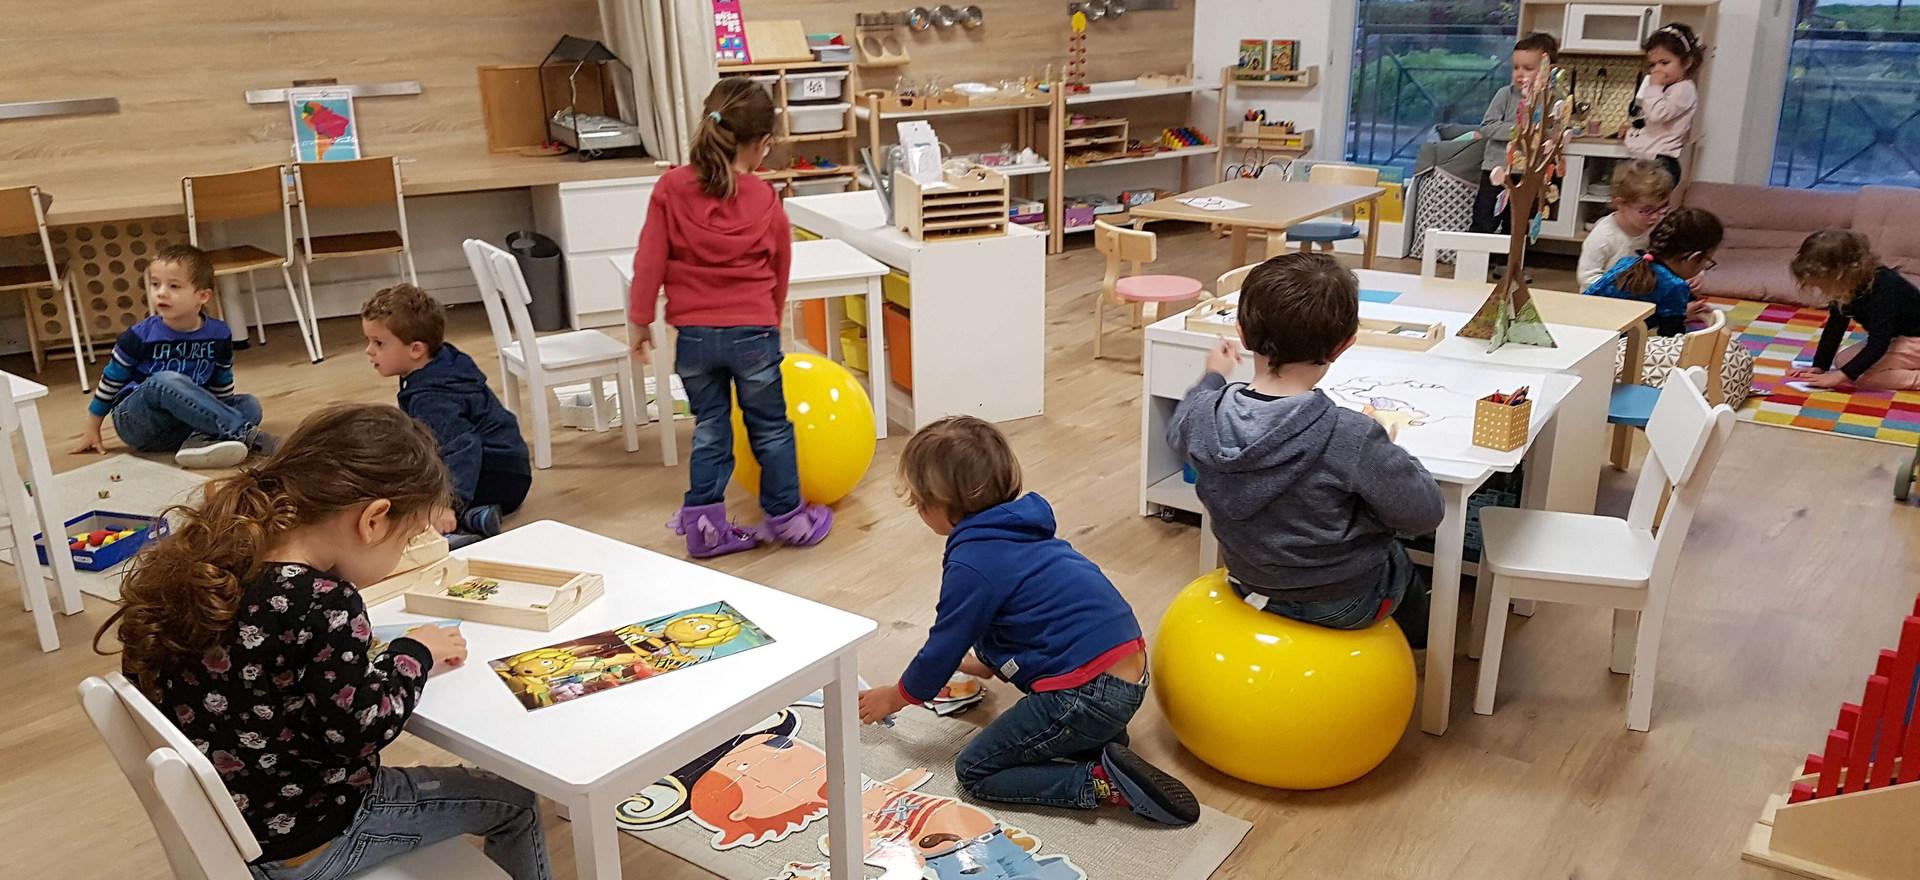 un environnement sobre, riche, stimulant, propice aux apprentissages